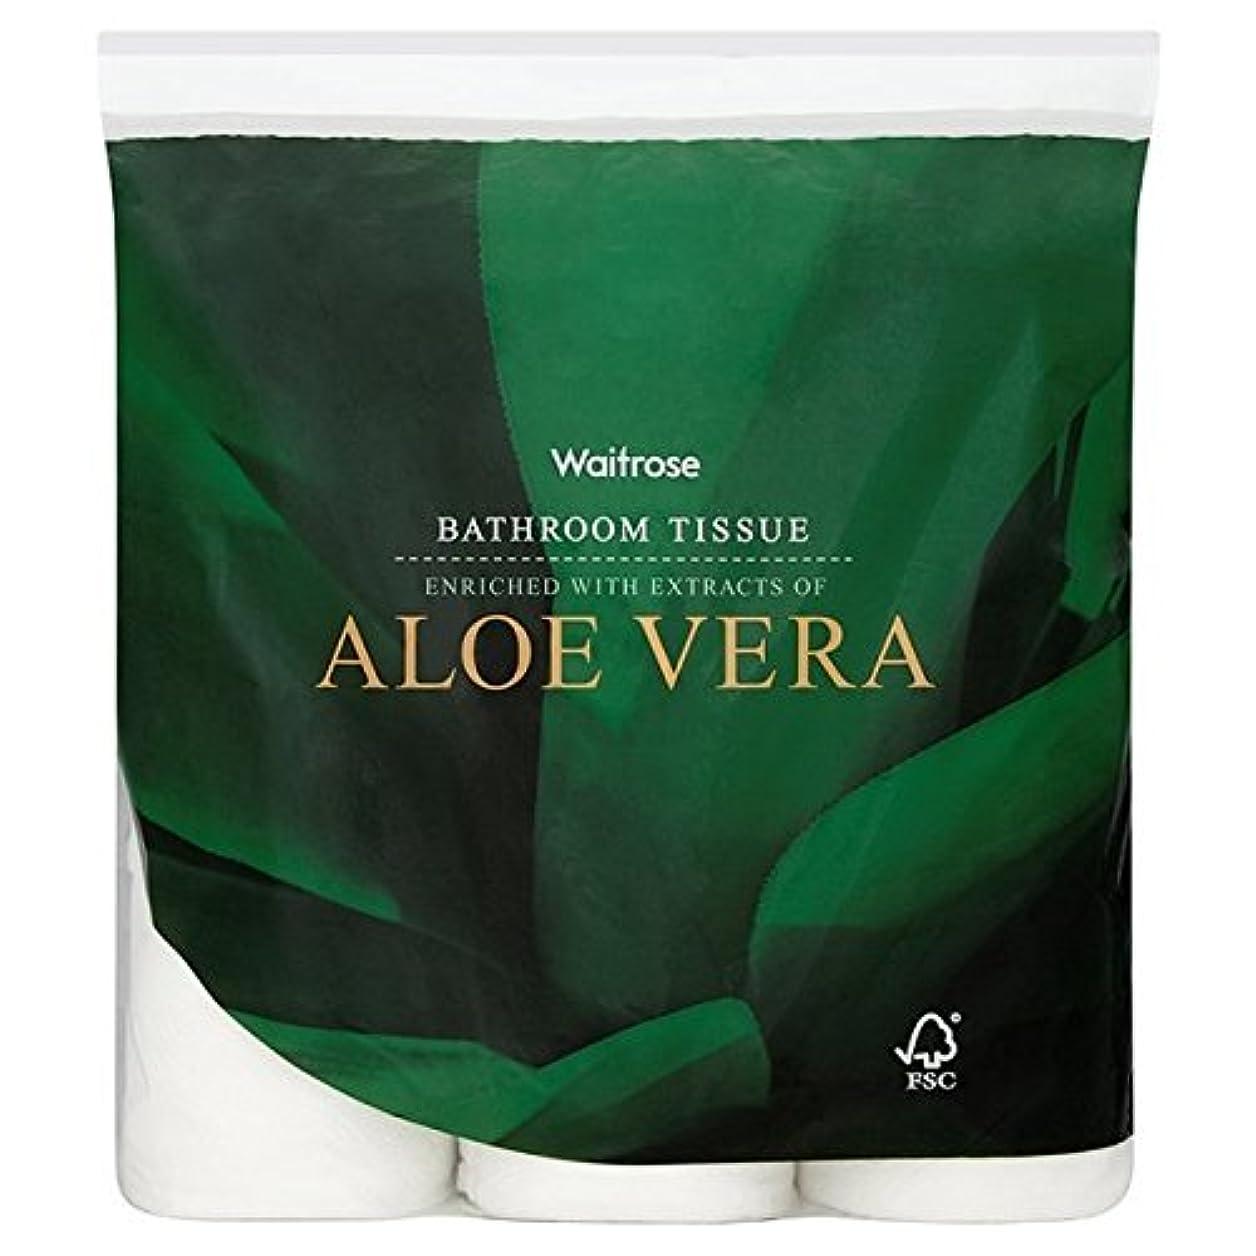 見込みボトル冊子Aloe Vera Bathroom Tissue White Waitrose 9 per pack - パックあたりアロエベラ浴室組織白ウェイトローズ9 [並行輸入品]